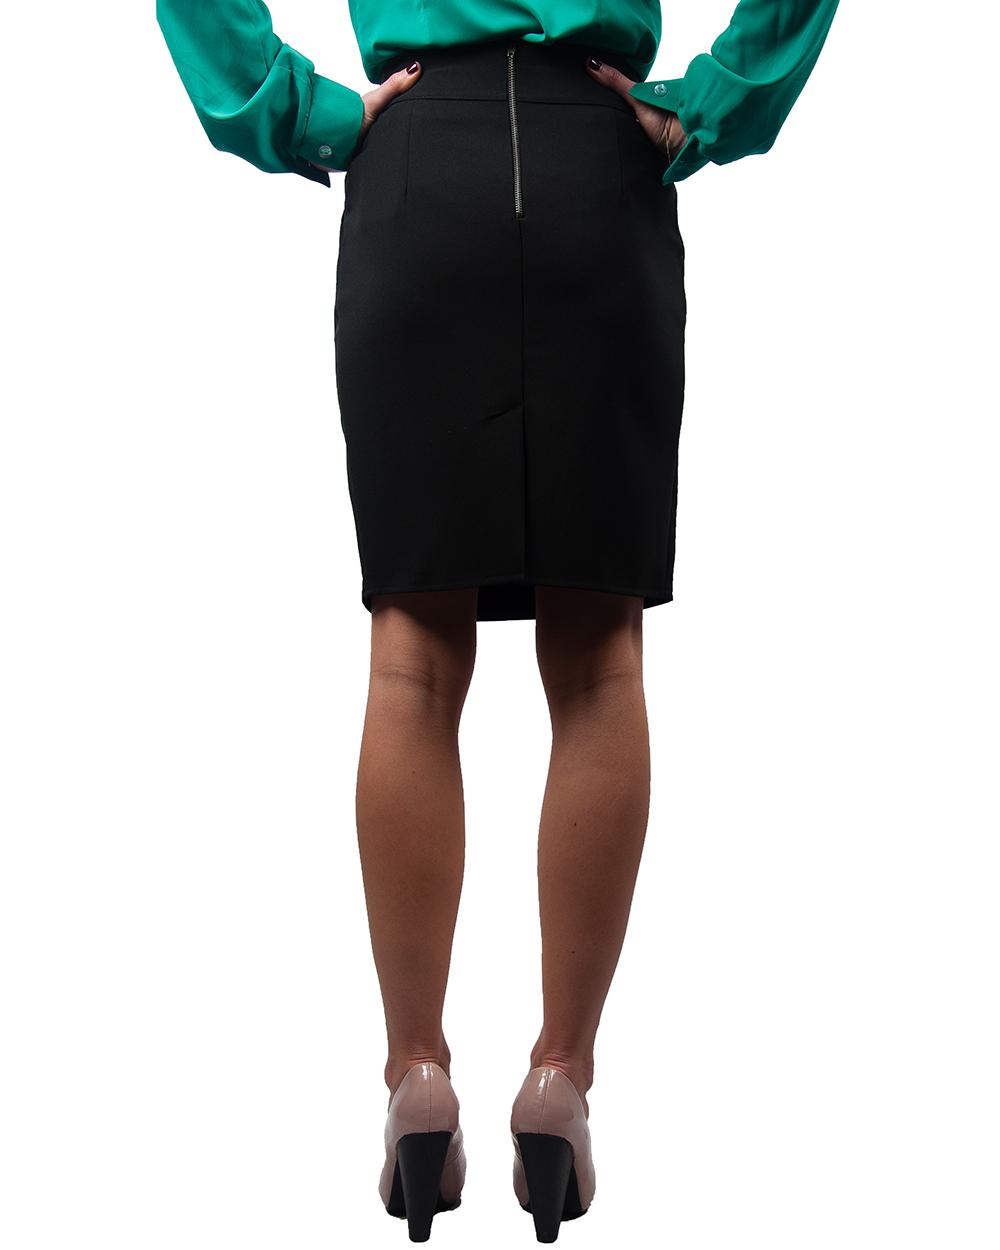 Вязаная юбка для женщин доставка